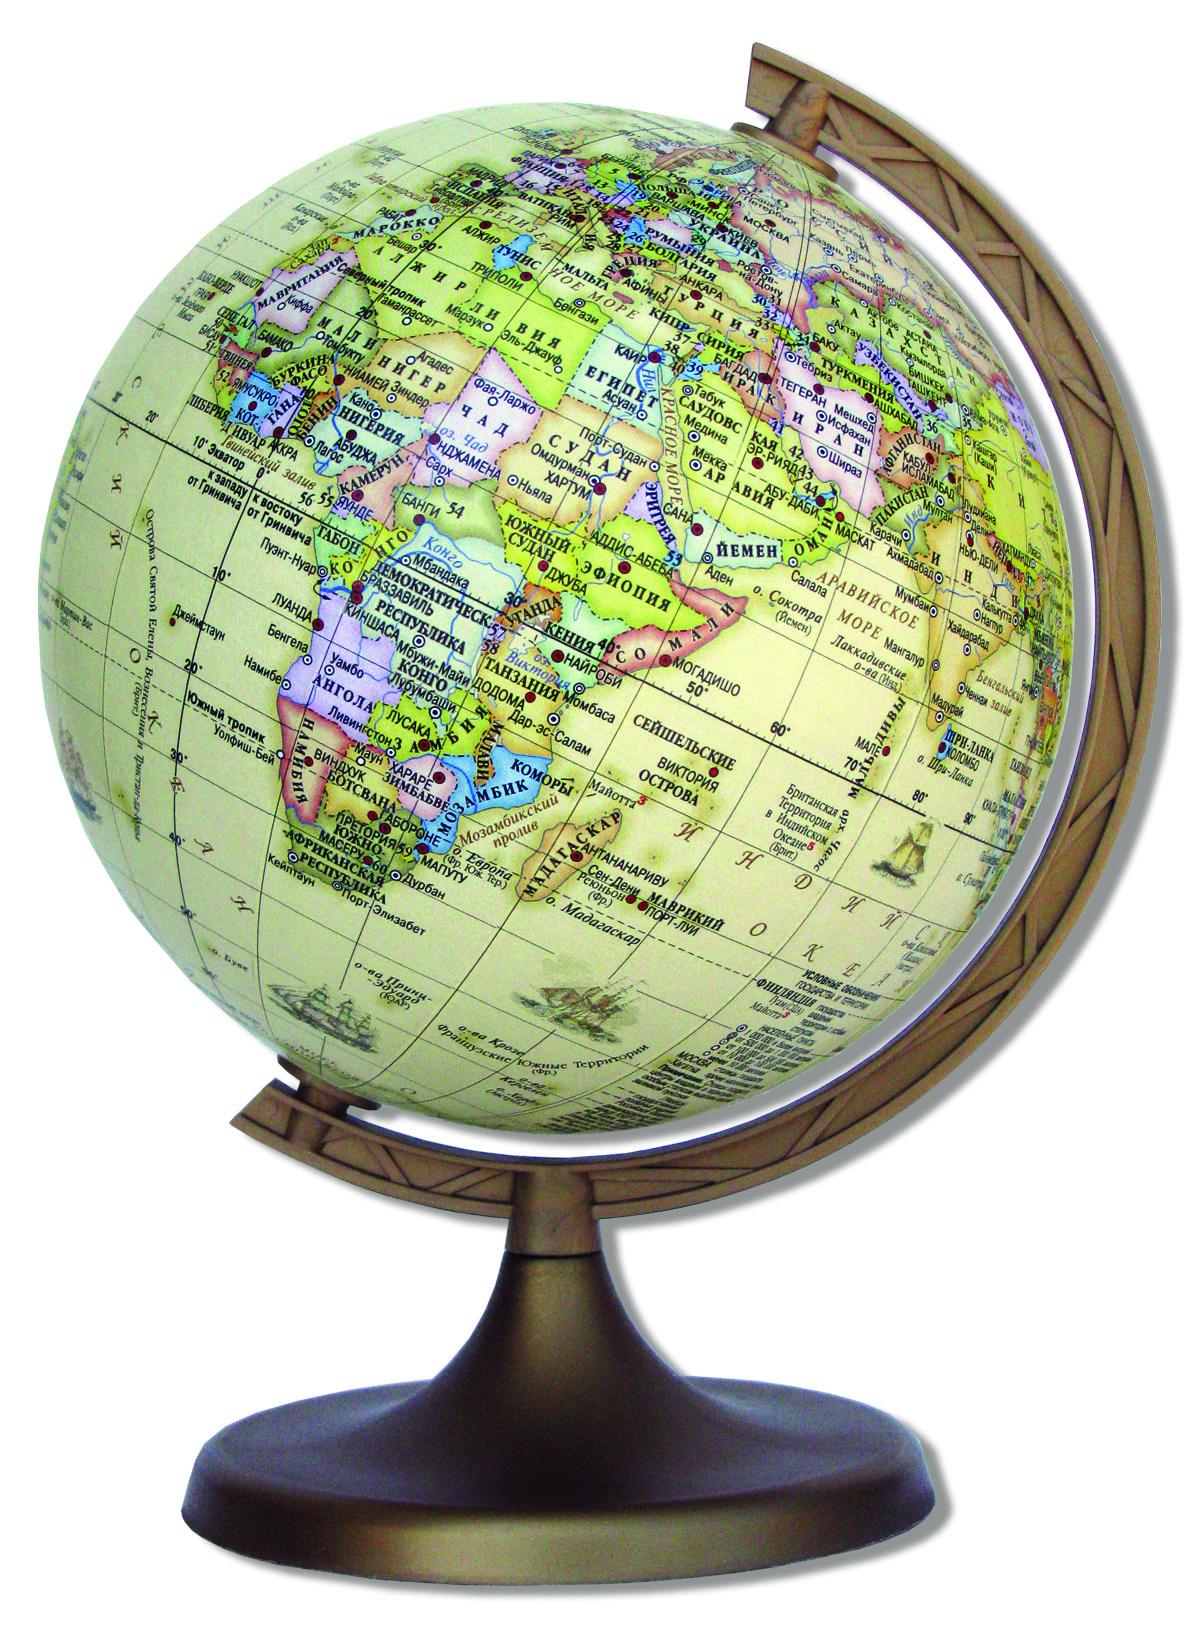 Глобус DMB Ретро, c политической картой мира, диаметр 16 см + Мини-энциклопедия Страны МираRG32/PH/LПолитический глобус DMB Ретро, изготовленный из высококачественногопрочного пластика, дает представление о политическом устройстве мира. Он напоминает глобусы, которые делали в старину, но с современными картами нынешней Земли. Как правило, карта таких глобусов является современной политической. Ретро глобусы очень популярны для домашнего и офисного оформления, потому что удачно вписываются в интерьер благодаря своему бежевому нежному цвету.Изделие расположено на подставке. Все страны мира раскрашены в разныецвета. На политическом глобусе показаны границы государств, столицы икрупные населенные пункты, а также картографические линии: параллели имеридианы, линия перемены дат. Названия стран на глобусе приведены нарусском языке. Ничто так не обеспечивает всестороннего и детальногоизучения политического устройства мира в таком сжатом и объемном образе,как политический глобус. Сделайте первый шаг в стимулирование своегообучения! К глобусу прилагается мини-энциклопедия Страны Мира с краткимописанием всех стран. Настольный глобус DMB Ретро станет оригинальным украшением рабочегостола или вашего кабинета. Это изысканная вещь для стильного интерьера,которая станет прекрасным подарком для современного преуспевающегочеловека, следующего последним тенденциям моды и стремящегося кэлегантности и комфорту в каждой детали.Высота глобуса с подставкой: 24 см.Диаметр глобуса: 16 см. Масштаб: 1:80 000 000.